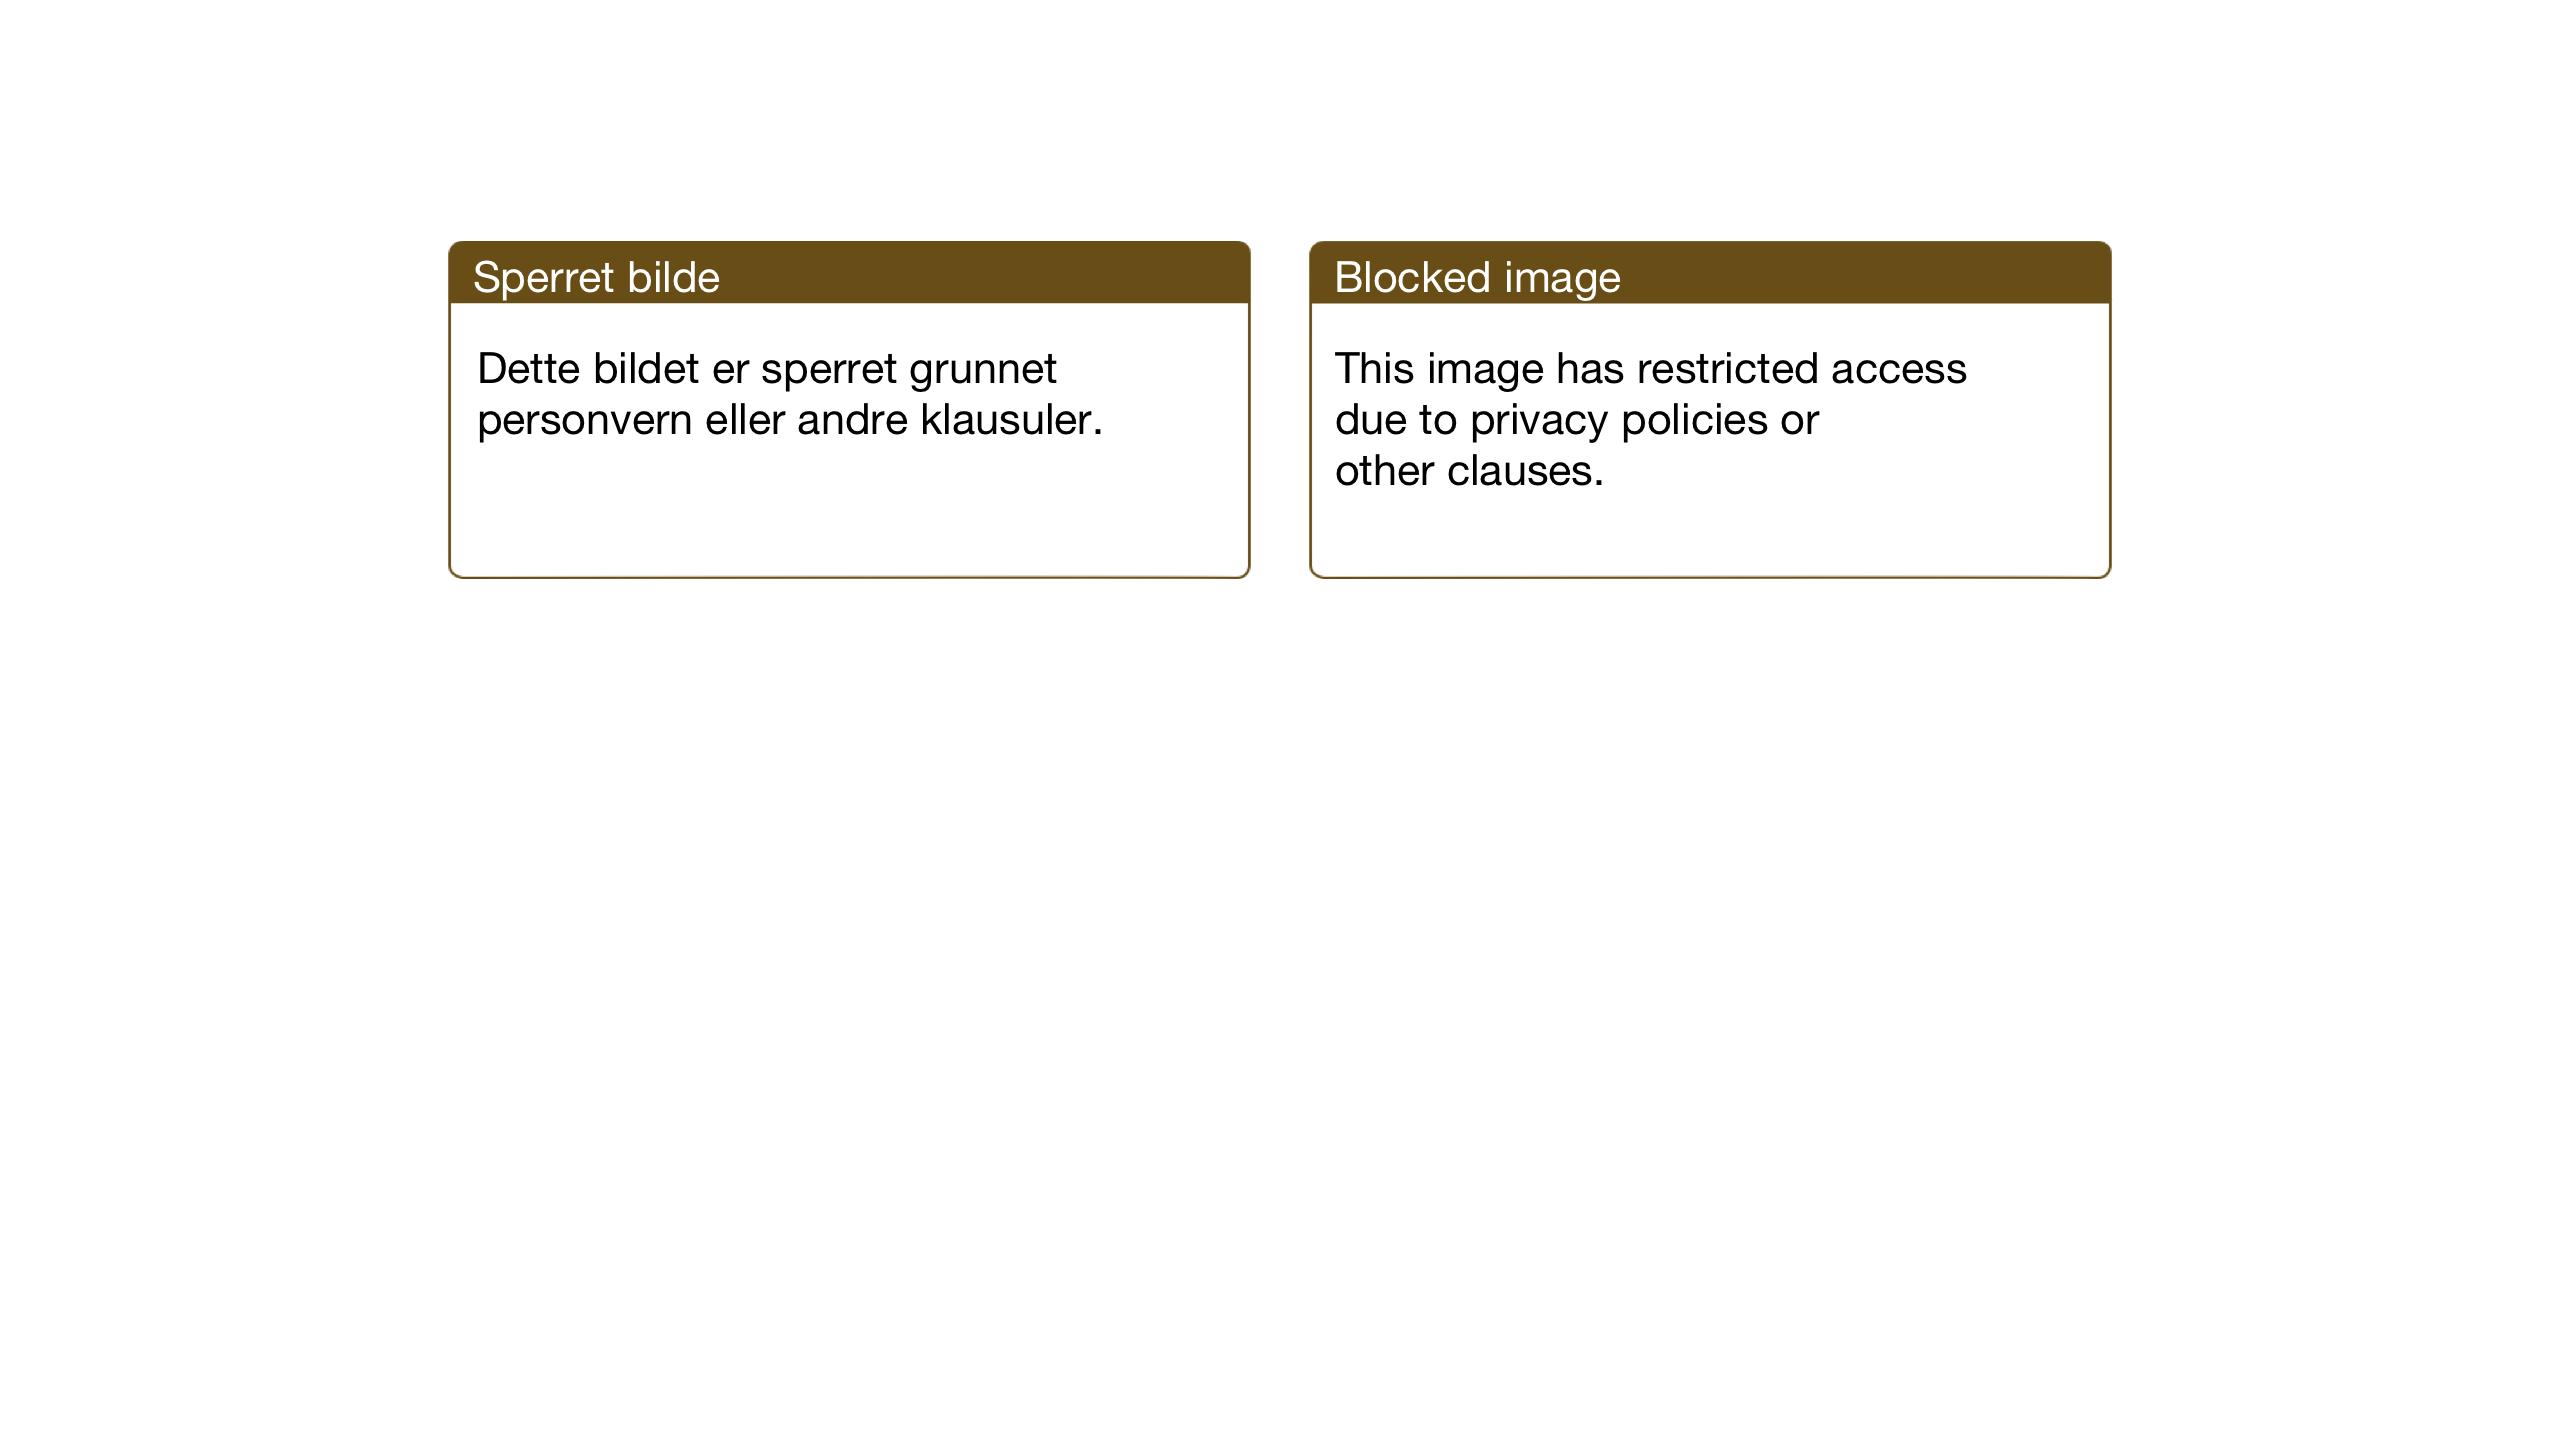 SAT, Ministerialprotokoller, klokkerbøker og fødselsregistre - Sør-Trøndelag, 603/L0174: Klokkerbok nr. 603C02, 1923-1951, s. 152